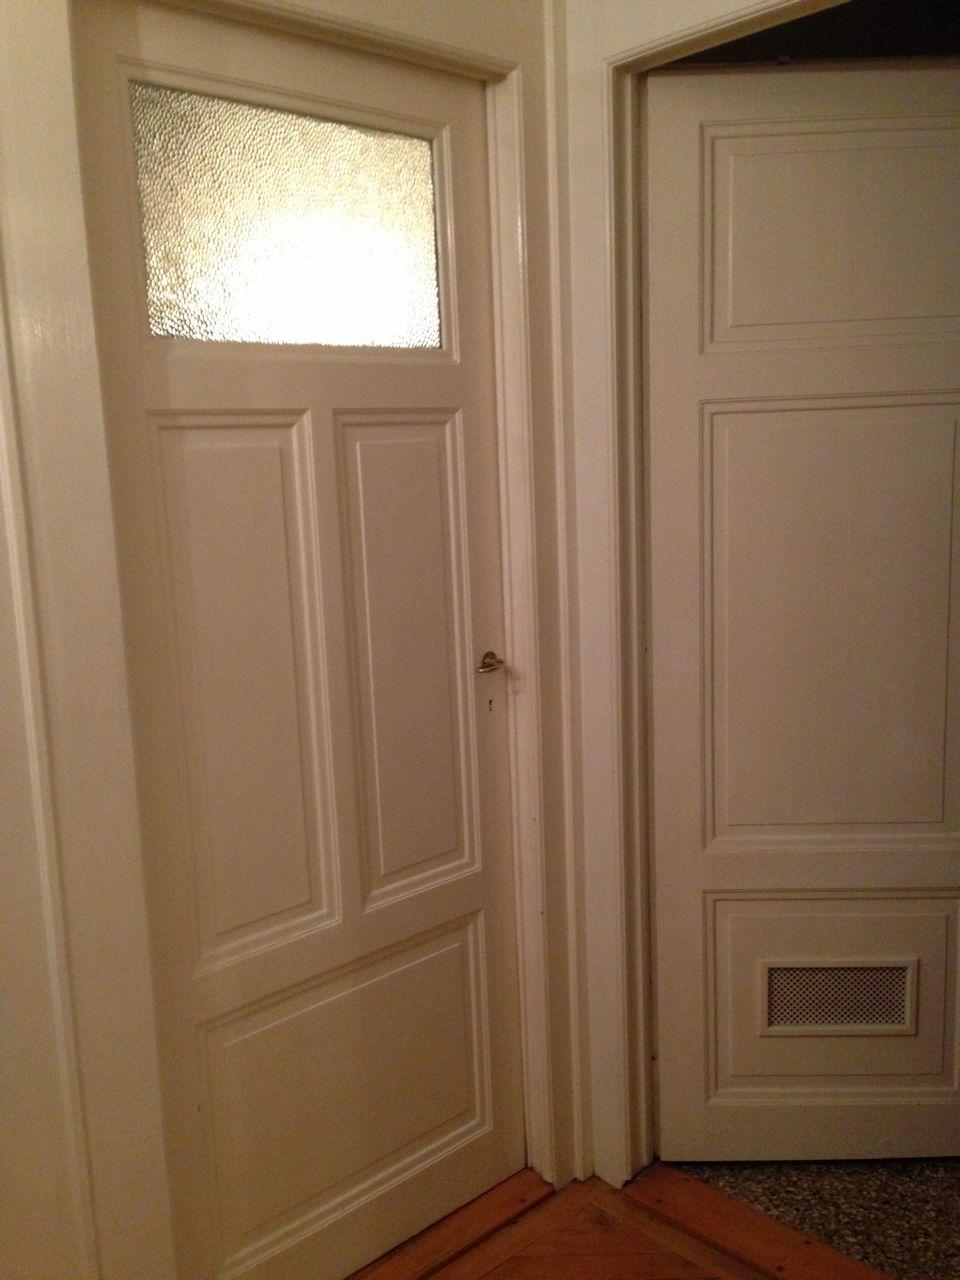 Puertas originales interiores nacido para ofrecer nuevas for Puertas pintadas originales